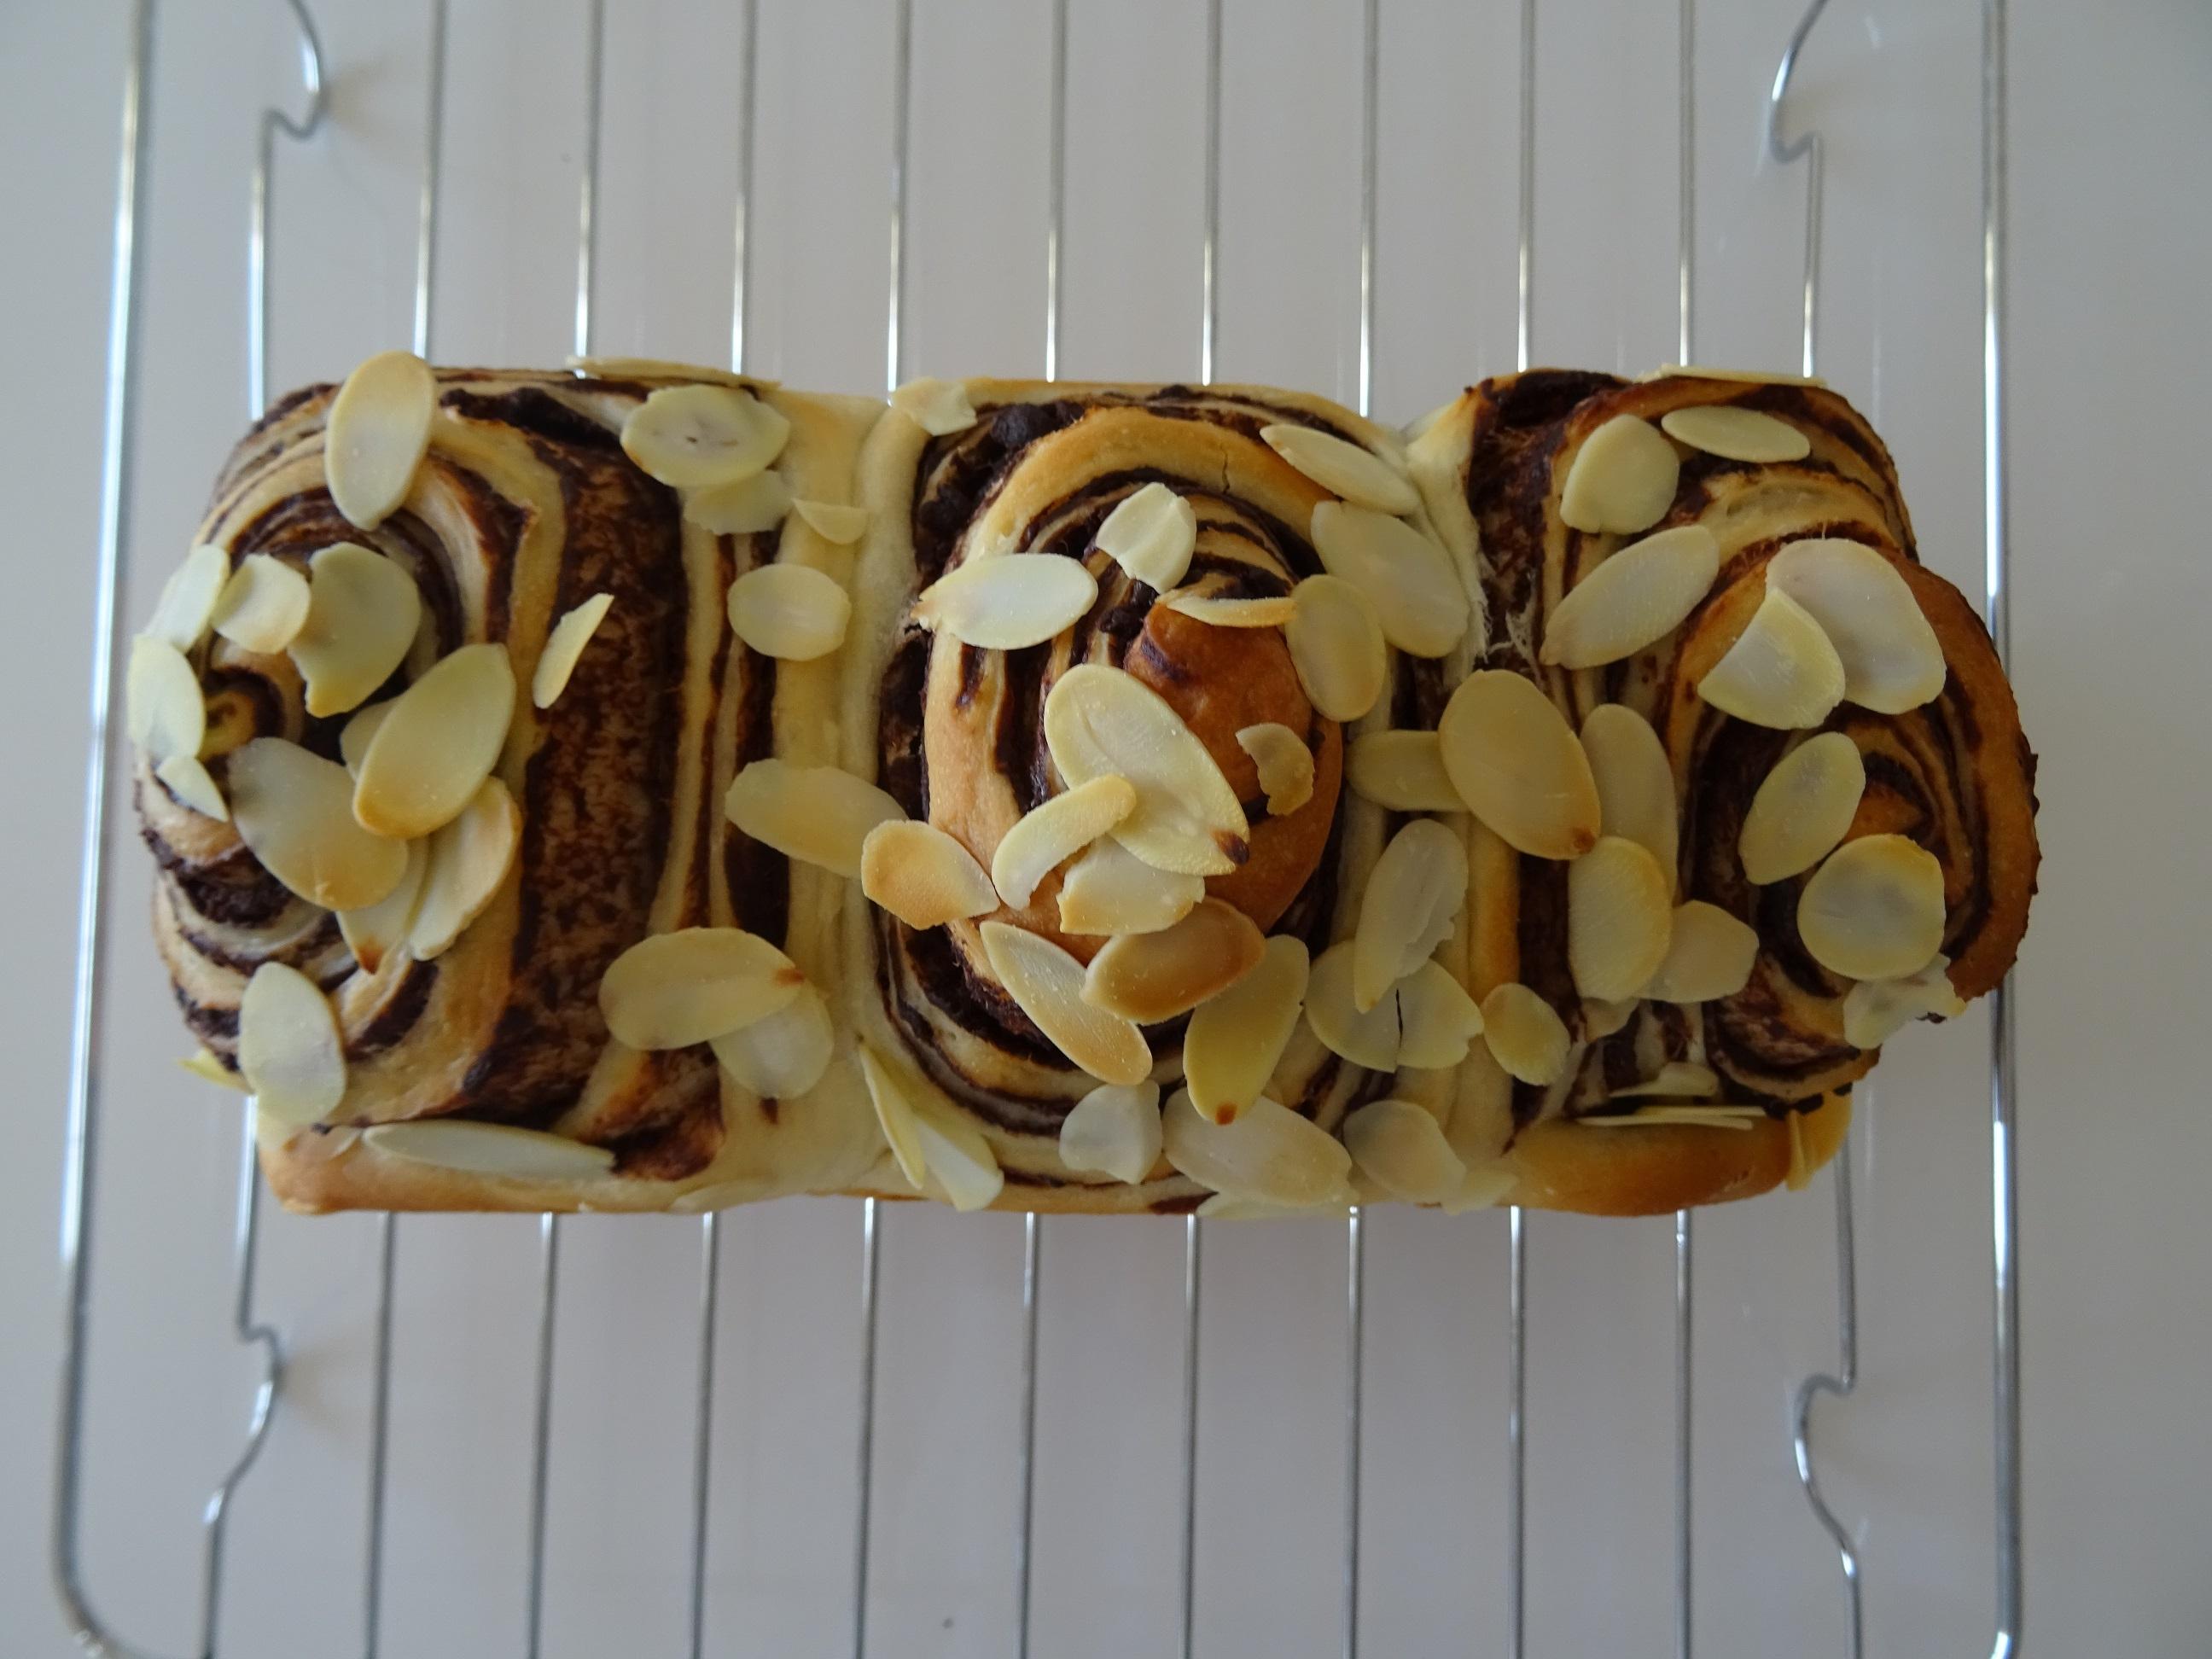 ショコラマーブル&カップパン(夏野菜ピザ&バナナクリーム)2